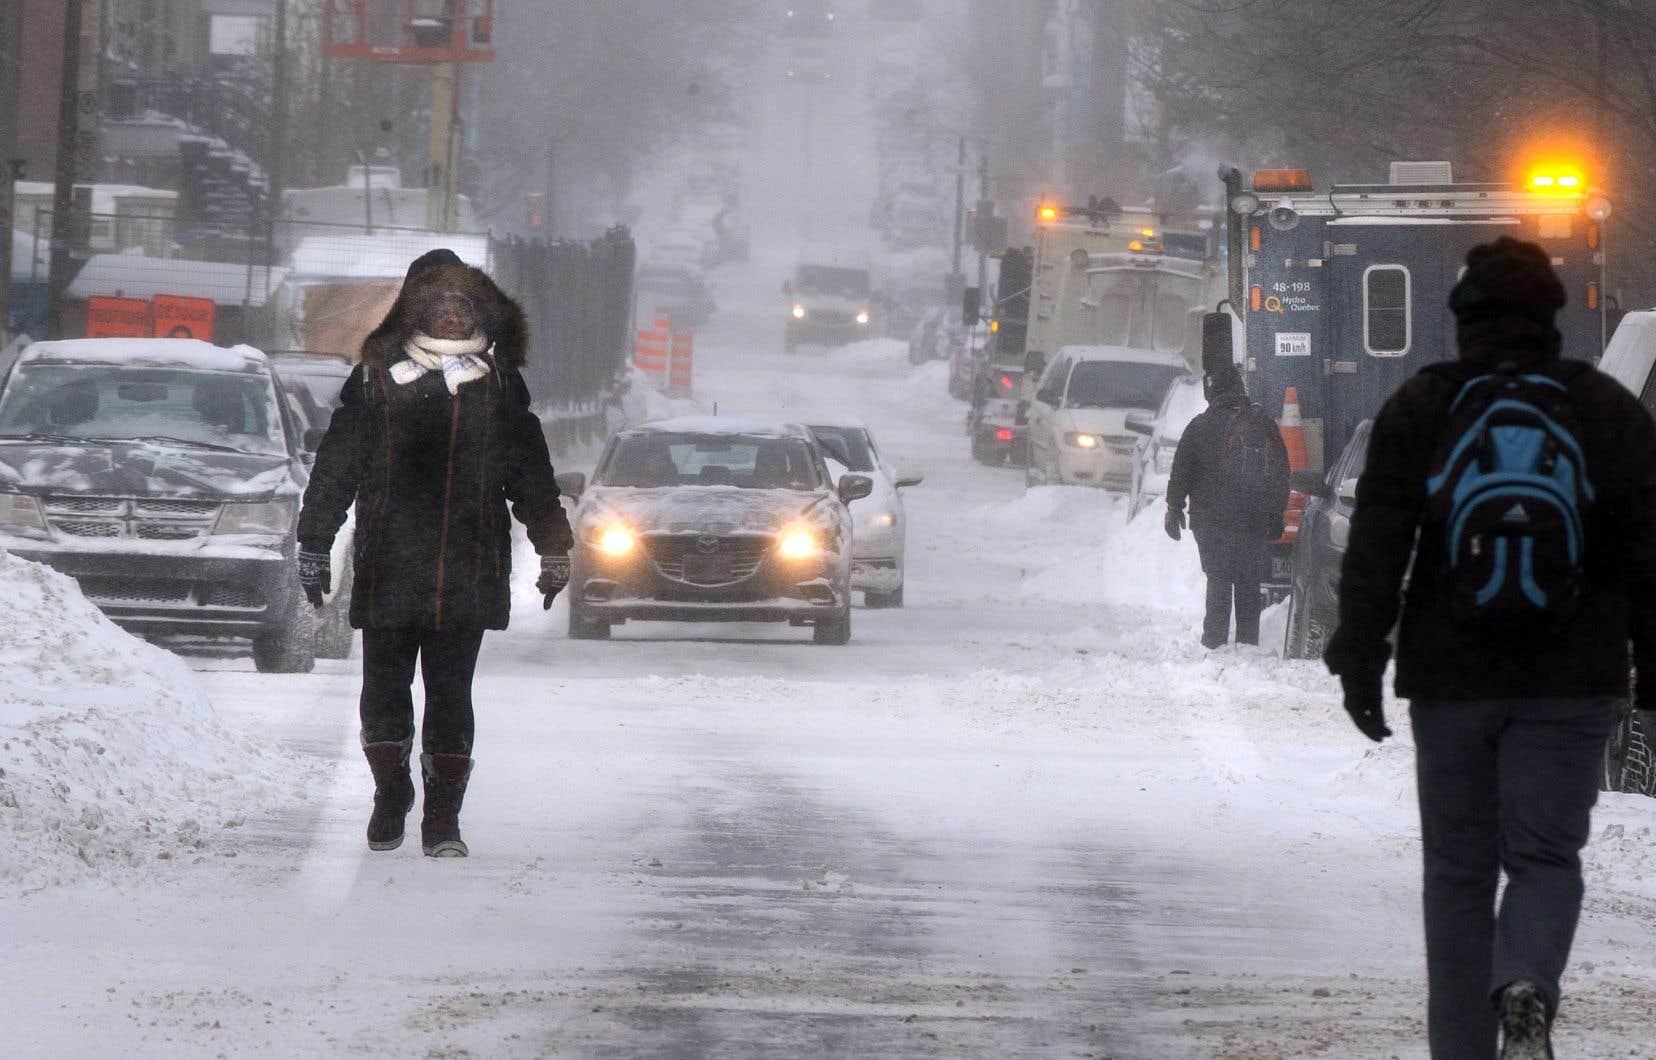 Montréal a bien reçu quelques centimètres de neige durant la tempête, mais c'est surtout le retour du froid qui est frappant.